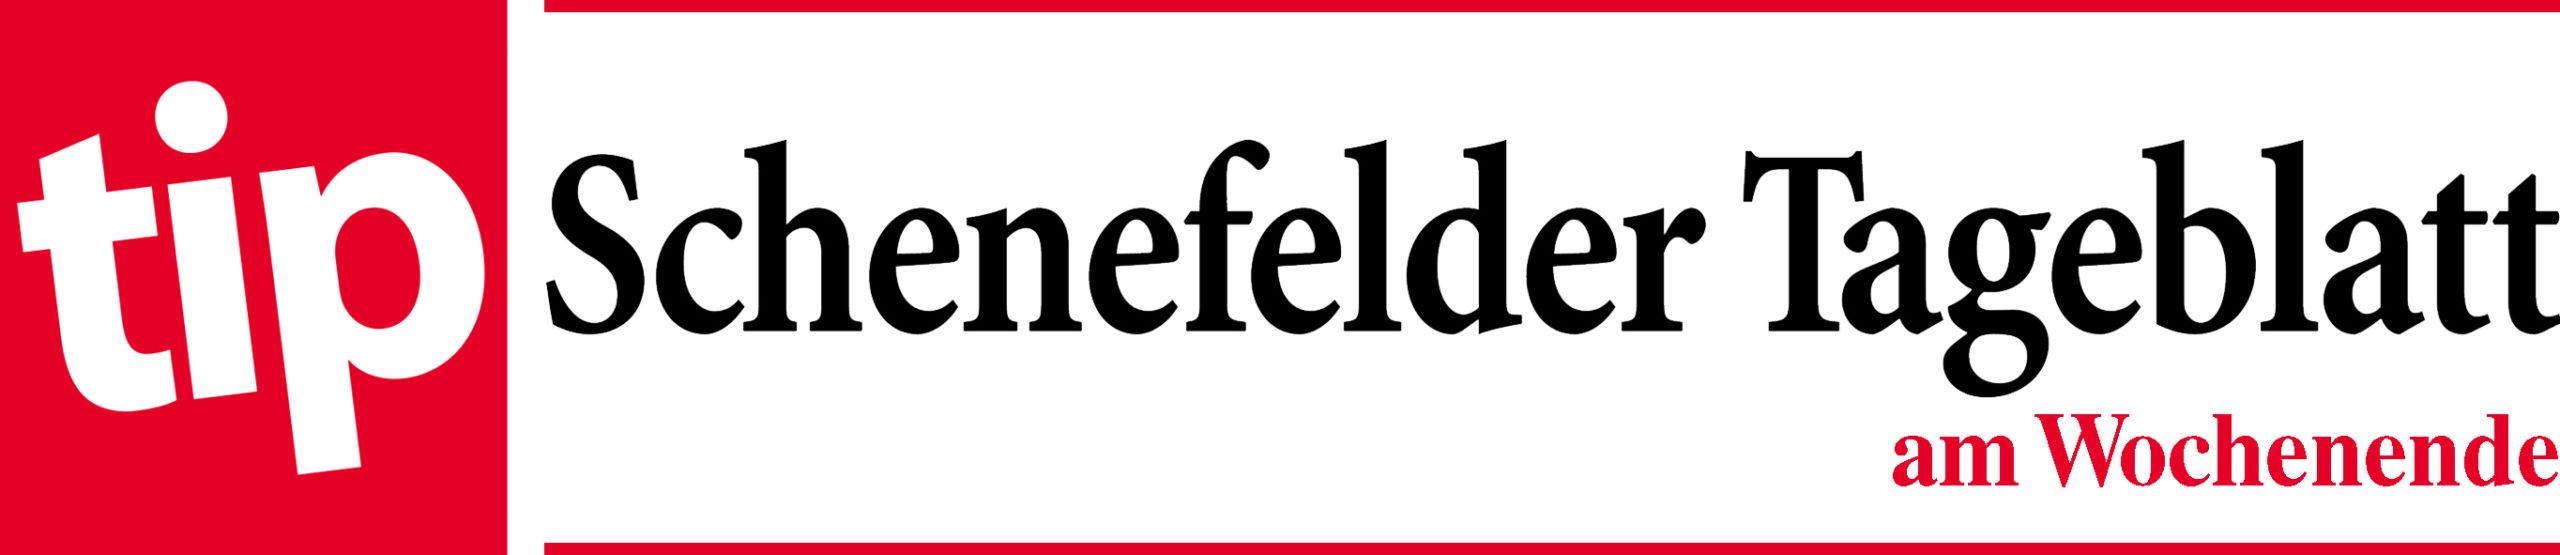 tip_Schenefelder_Tageblatt_5sp